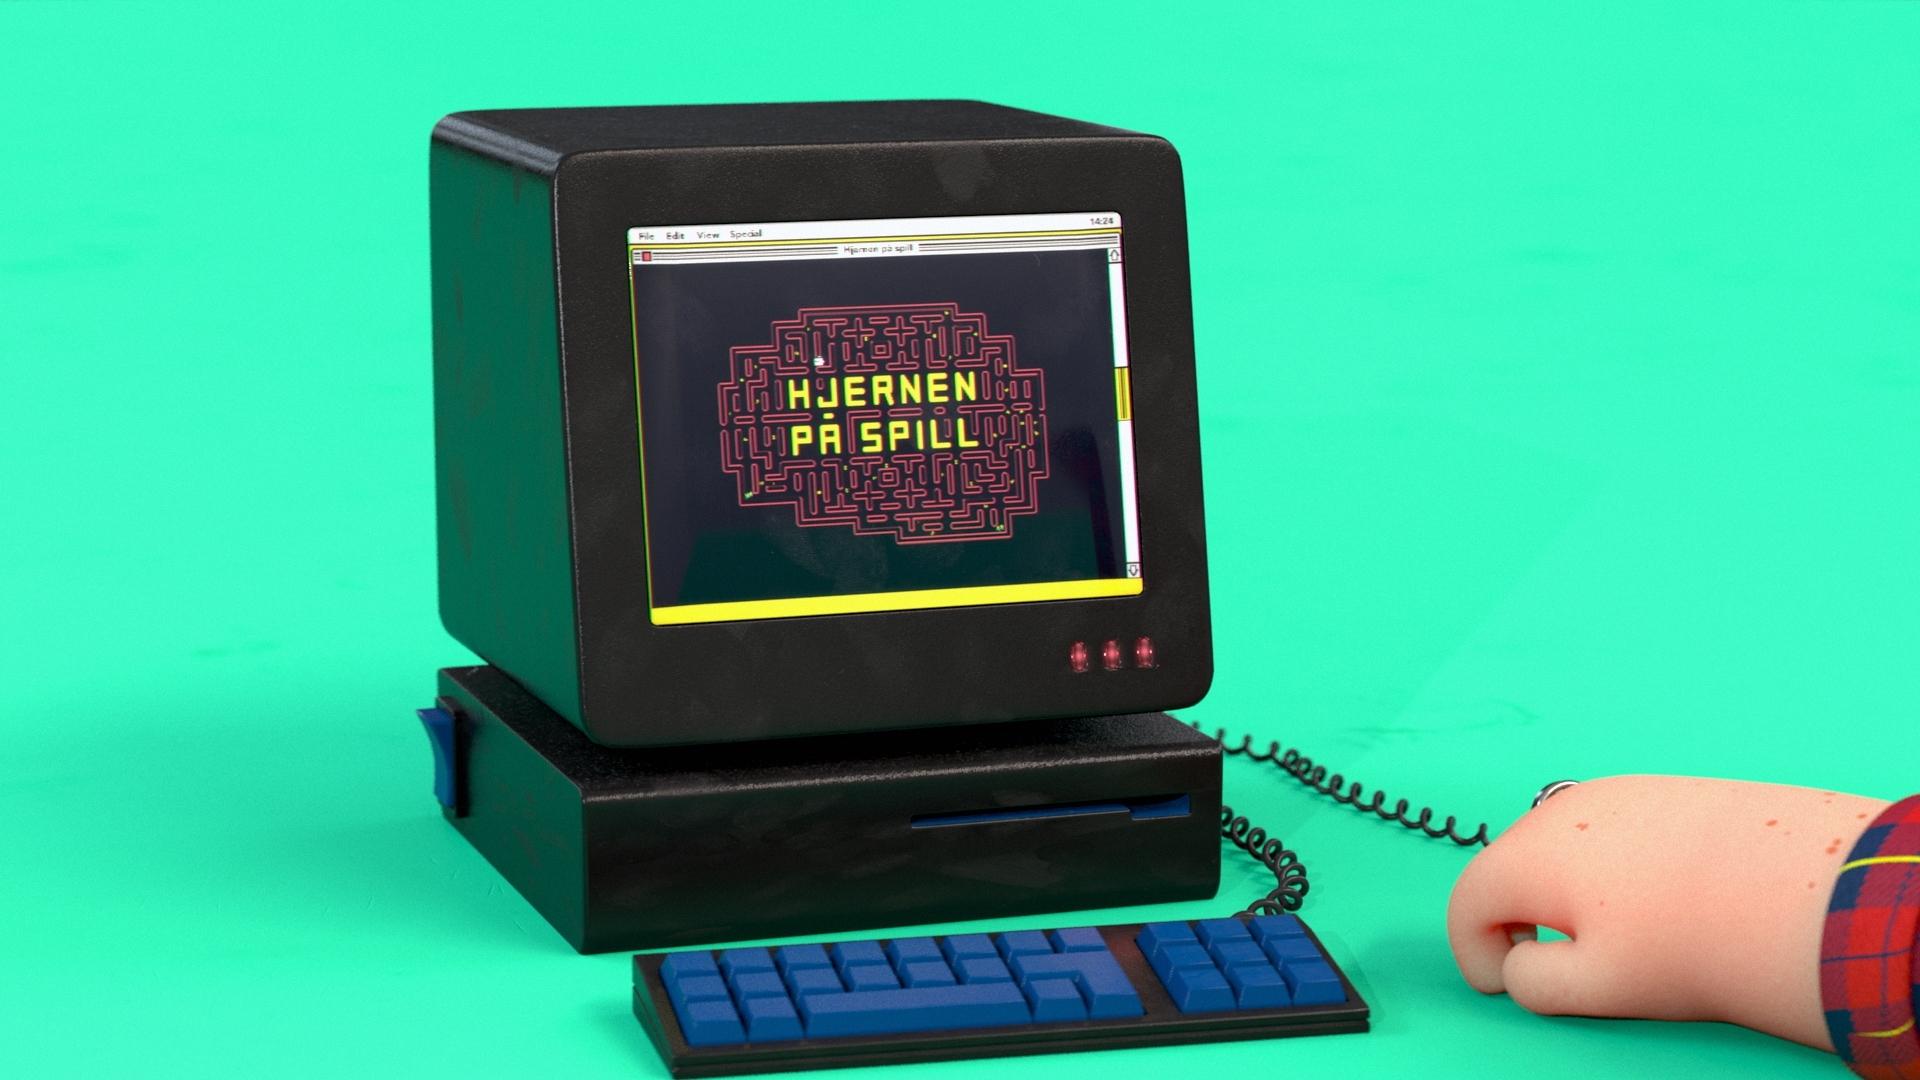 3d animasjon av en gammel datamaskin og en karakter som ser på skjermen for lotteritilsynets informasjonsfilms hjernen på spill